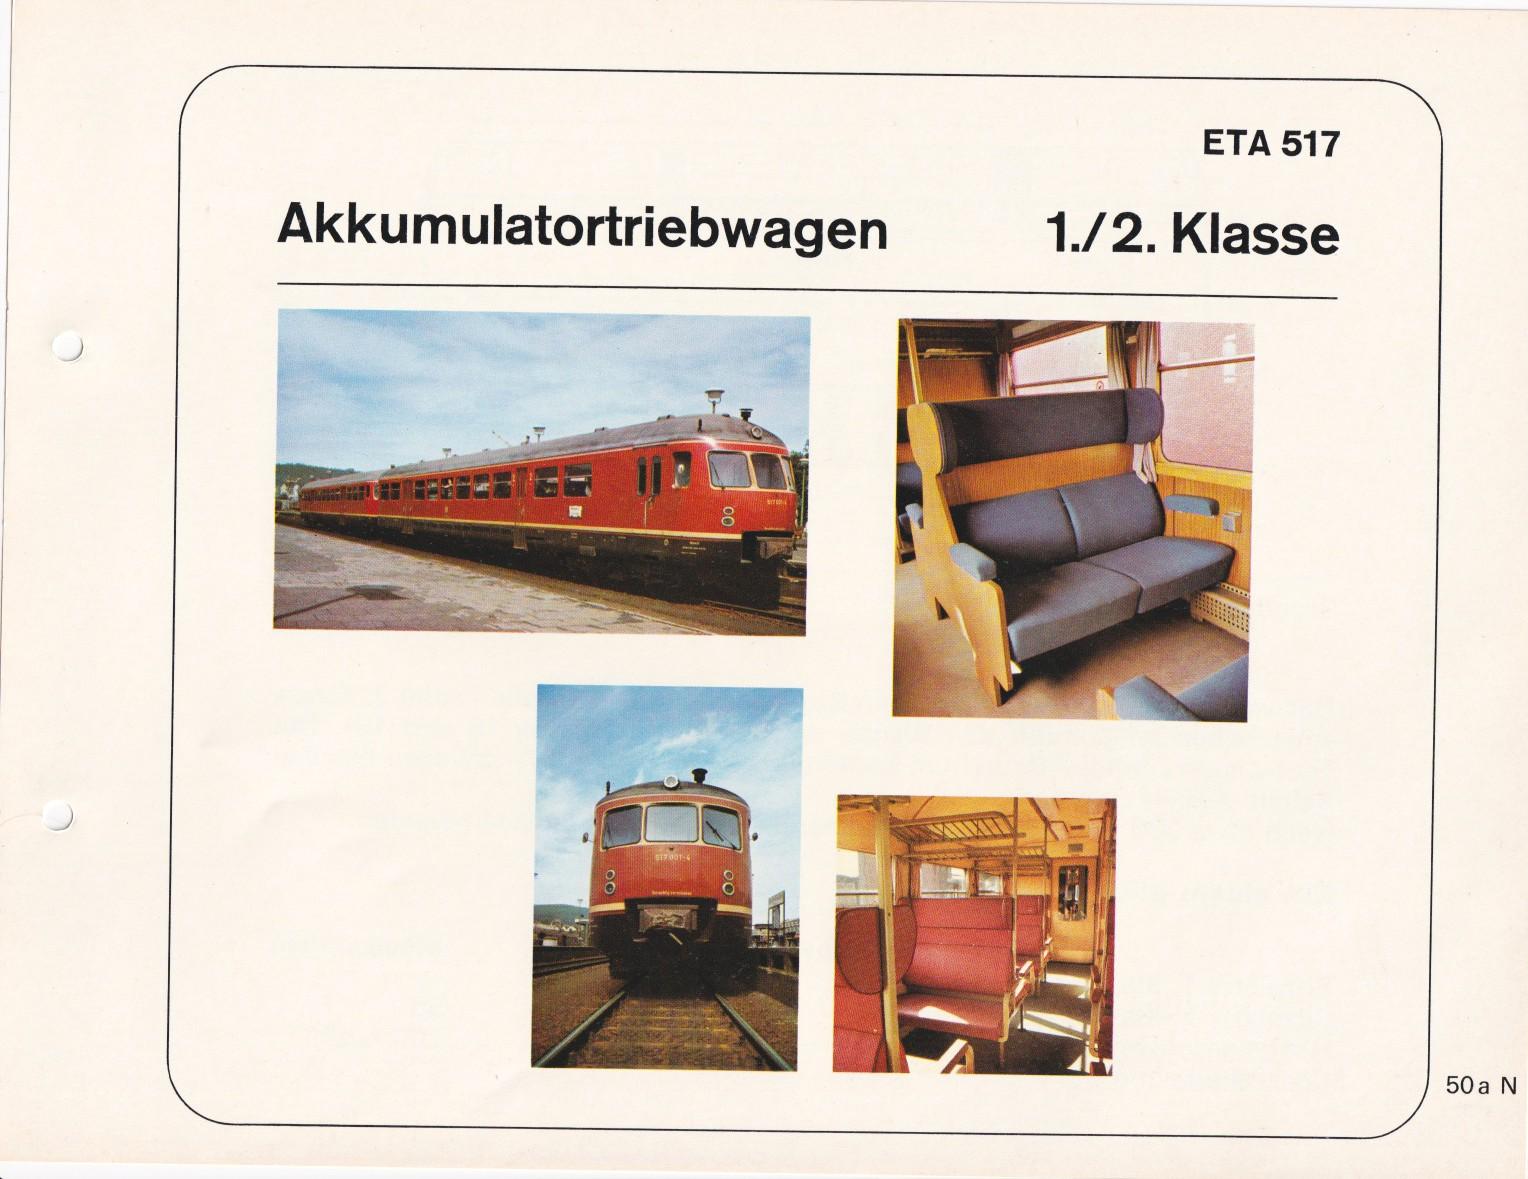 https://www.nullclub.de/hifo/Fahrzeuglexikon/Wagen50c.jpg